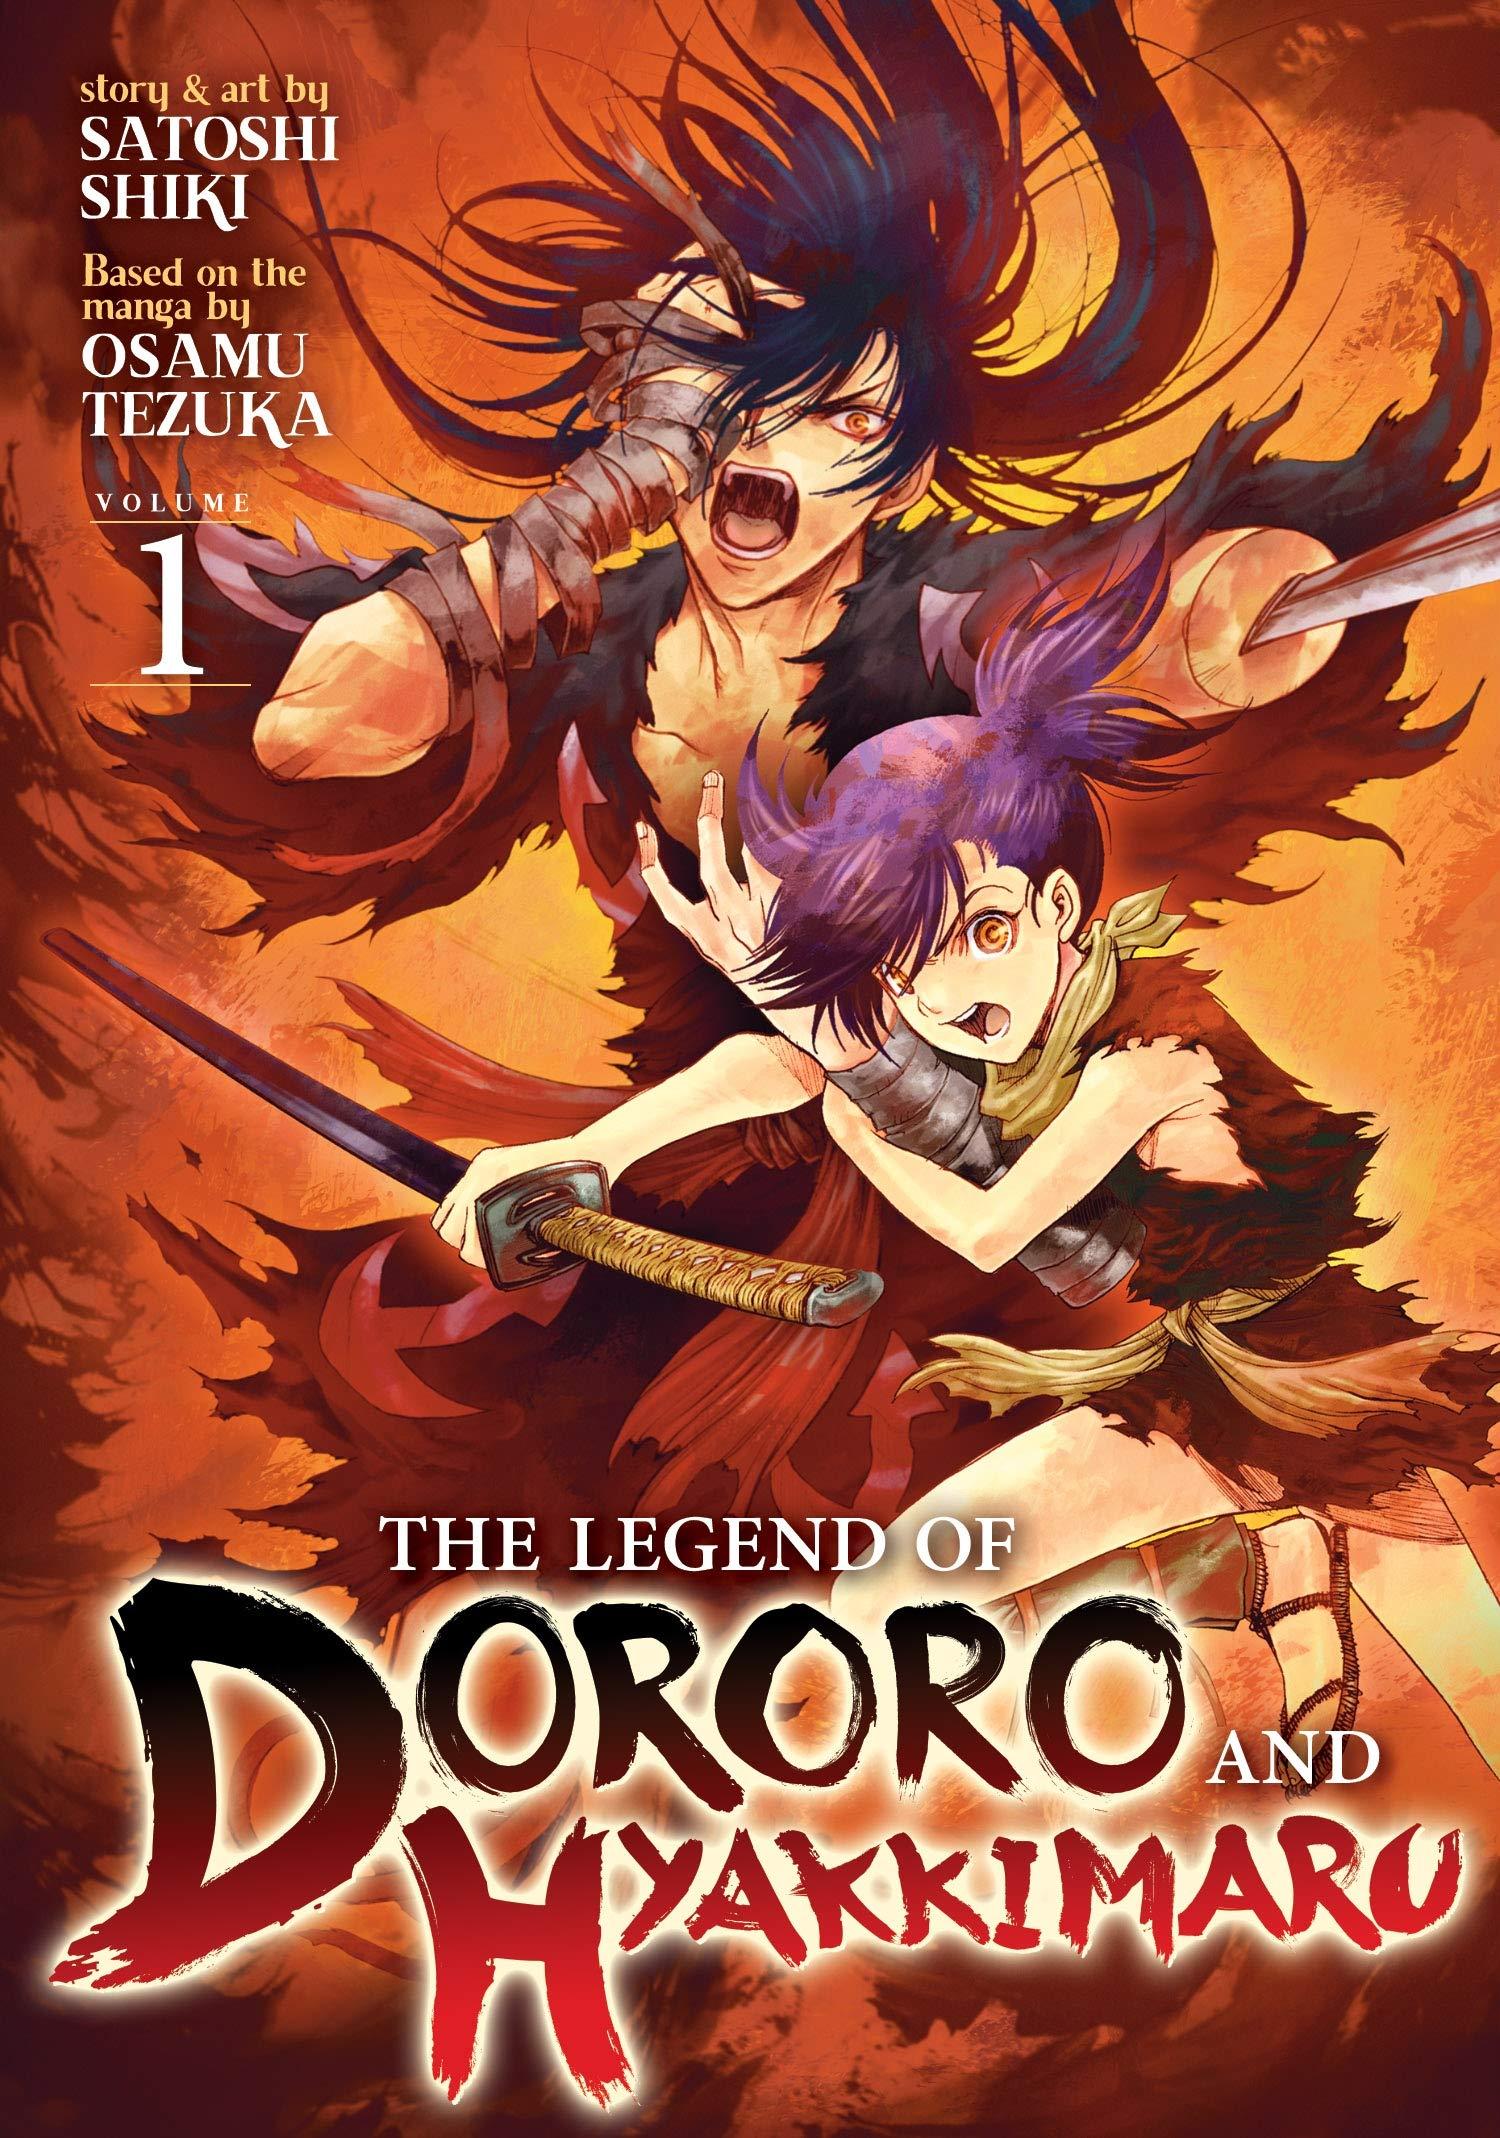 The Legend of Dororo and Hyakkimaru - Volume 1